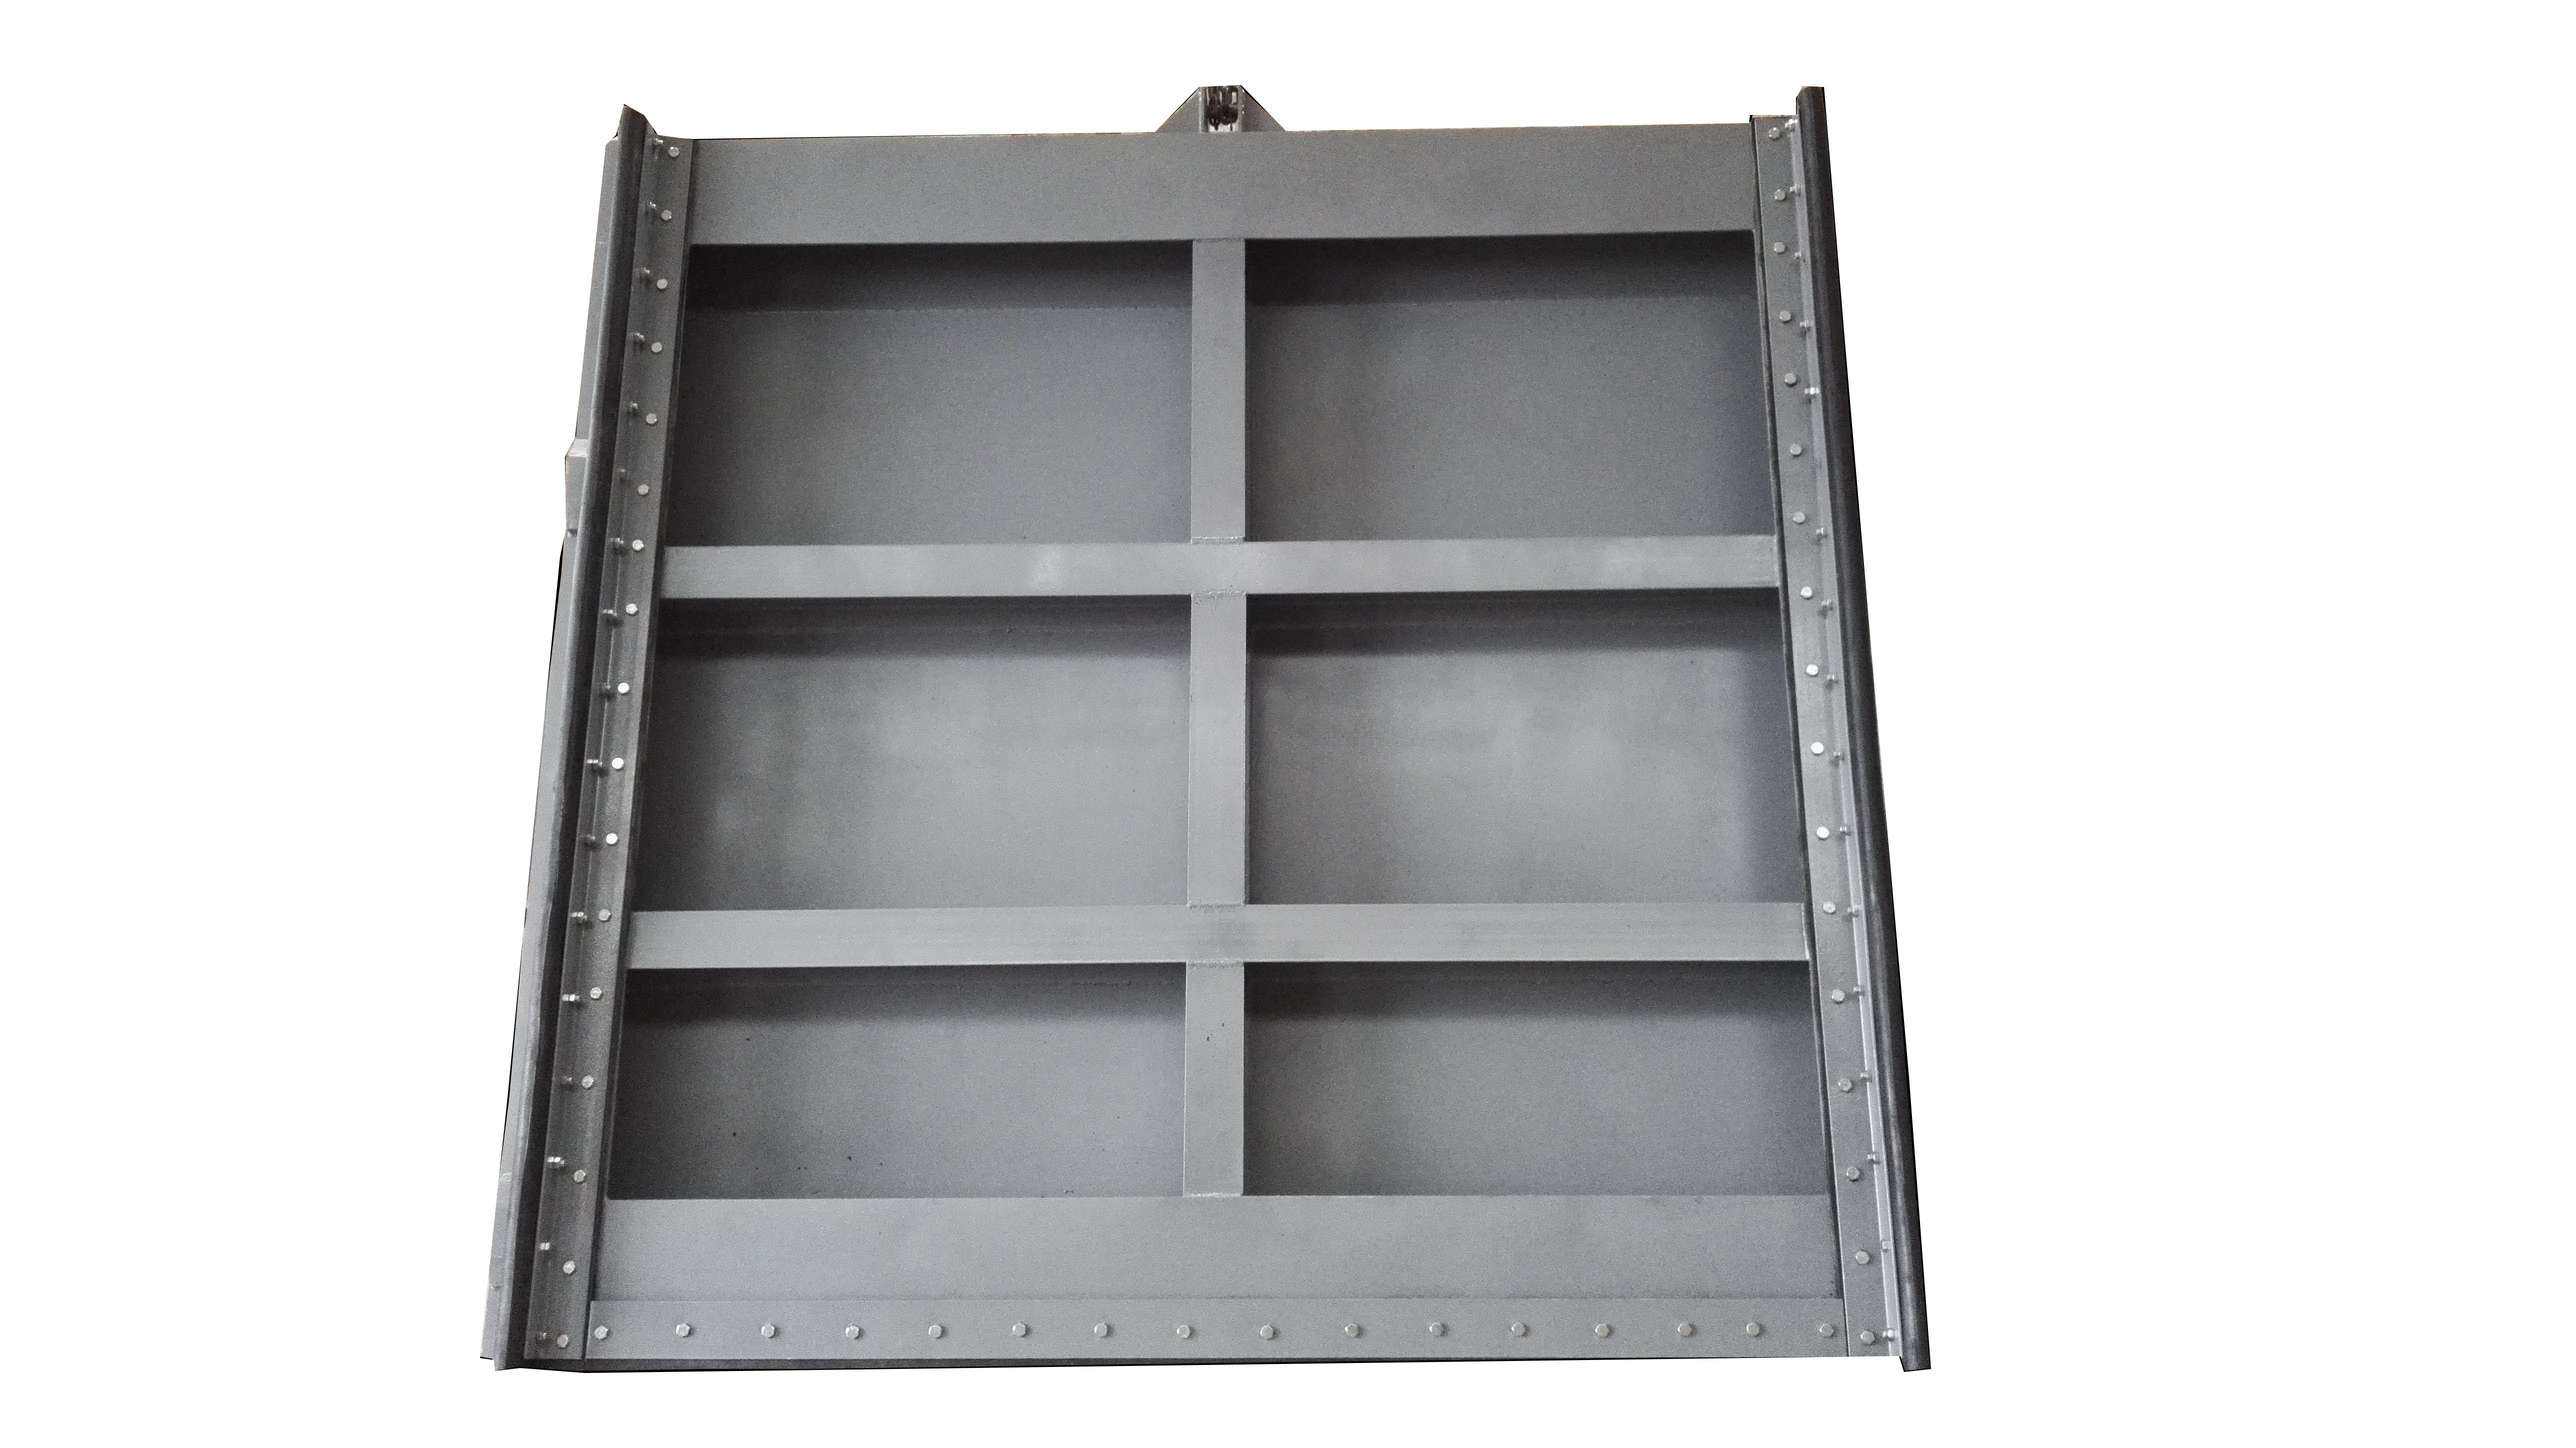 钢制闸门是给排水工程、水利、水电工程中常用的拦水、止水设备,由门框、闸板、密封圈及可调式锲型压块等部件组成。钢闸门久用磨损后,其密封面可通过锲型压块的调整来保证正常工作。 钢闸门(钢制闸门)以优质钢板为基材,采用橡胶止水、防腐方式为表面进行喷沙除锈及热喷锌,钢制闸门具有结构合理坚固、耐磨耐蚀性强、性能可靠;安装、调整、使用、维护方便等特点。 耐久性:轻钢结构住宅结构全部采用冷弯薄壁钢构件体系组成,钢骨采用超级防腐高强冷轧镀锌板制造,有效避免钢板在施工和使用过程中的锈蚀的影响,增加了轻钢构件的使用寿命。结构